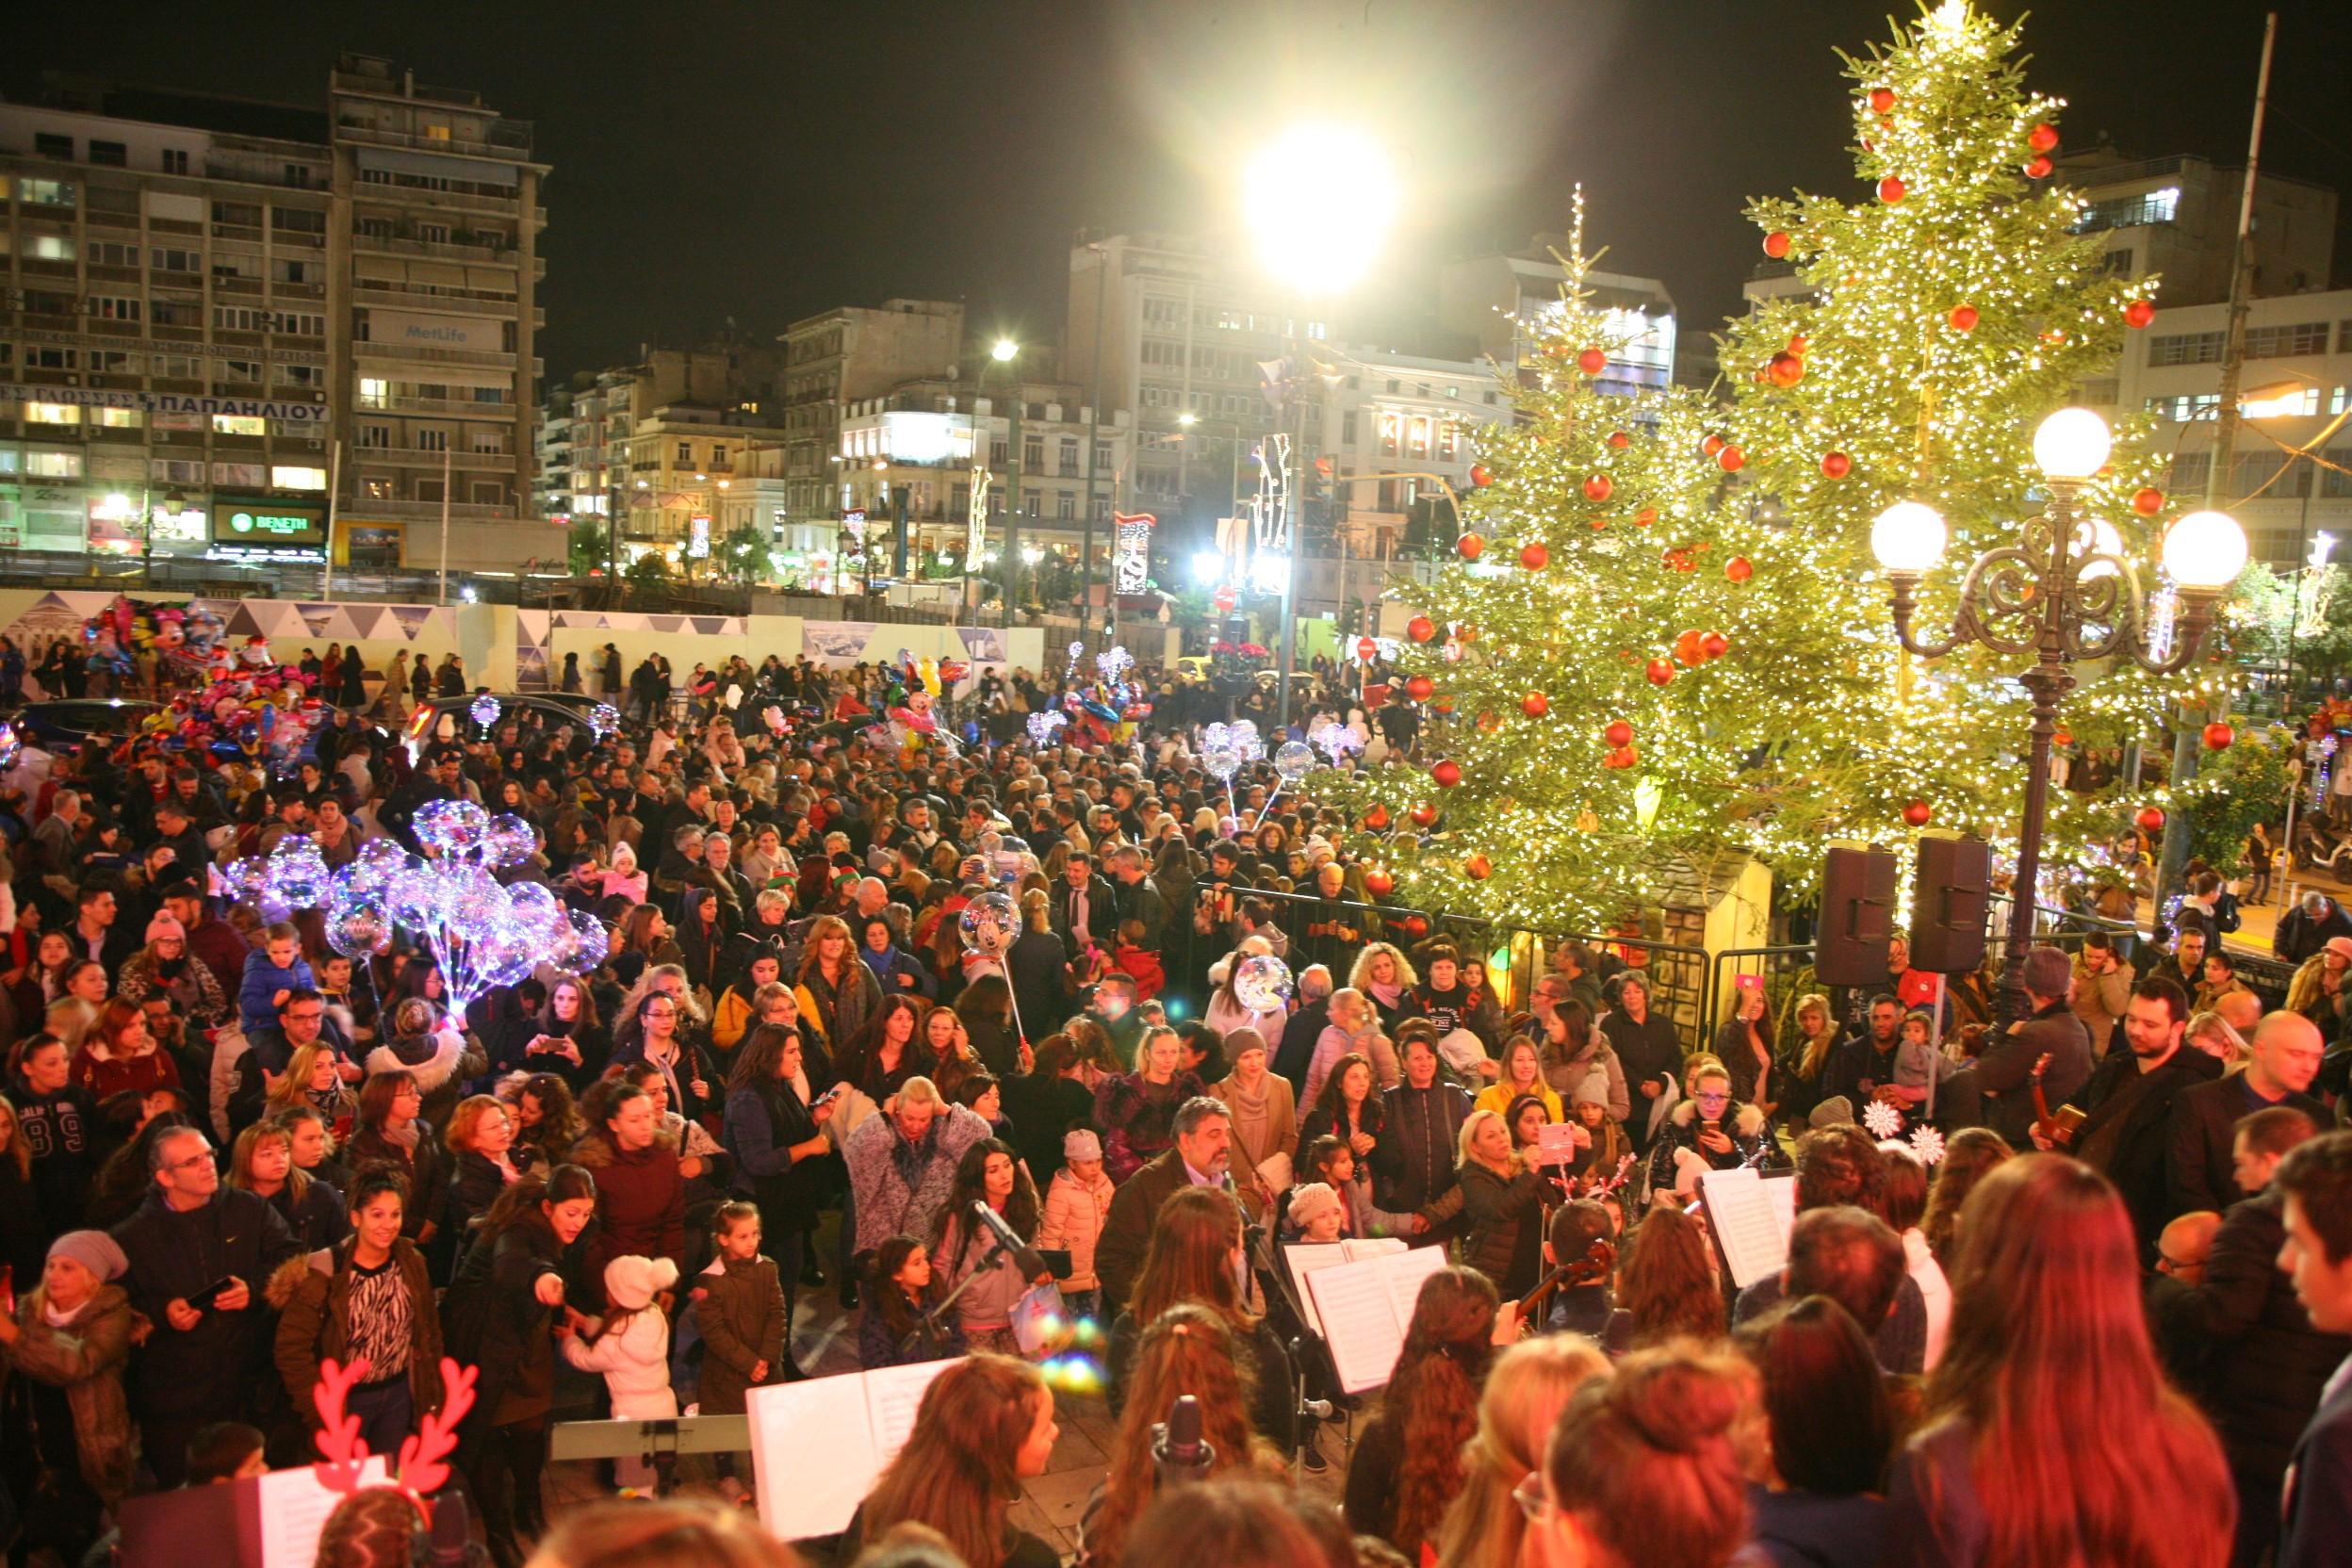 Βίντεο από την φωταγώγηση του χριστουγεννιάτικου δέντρου